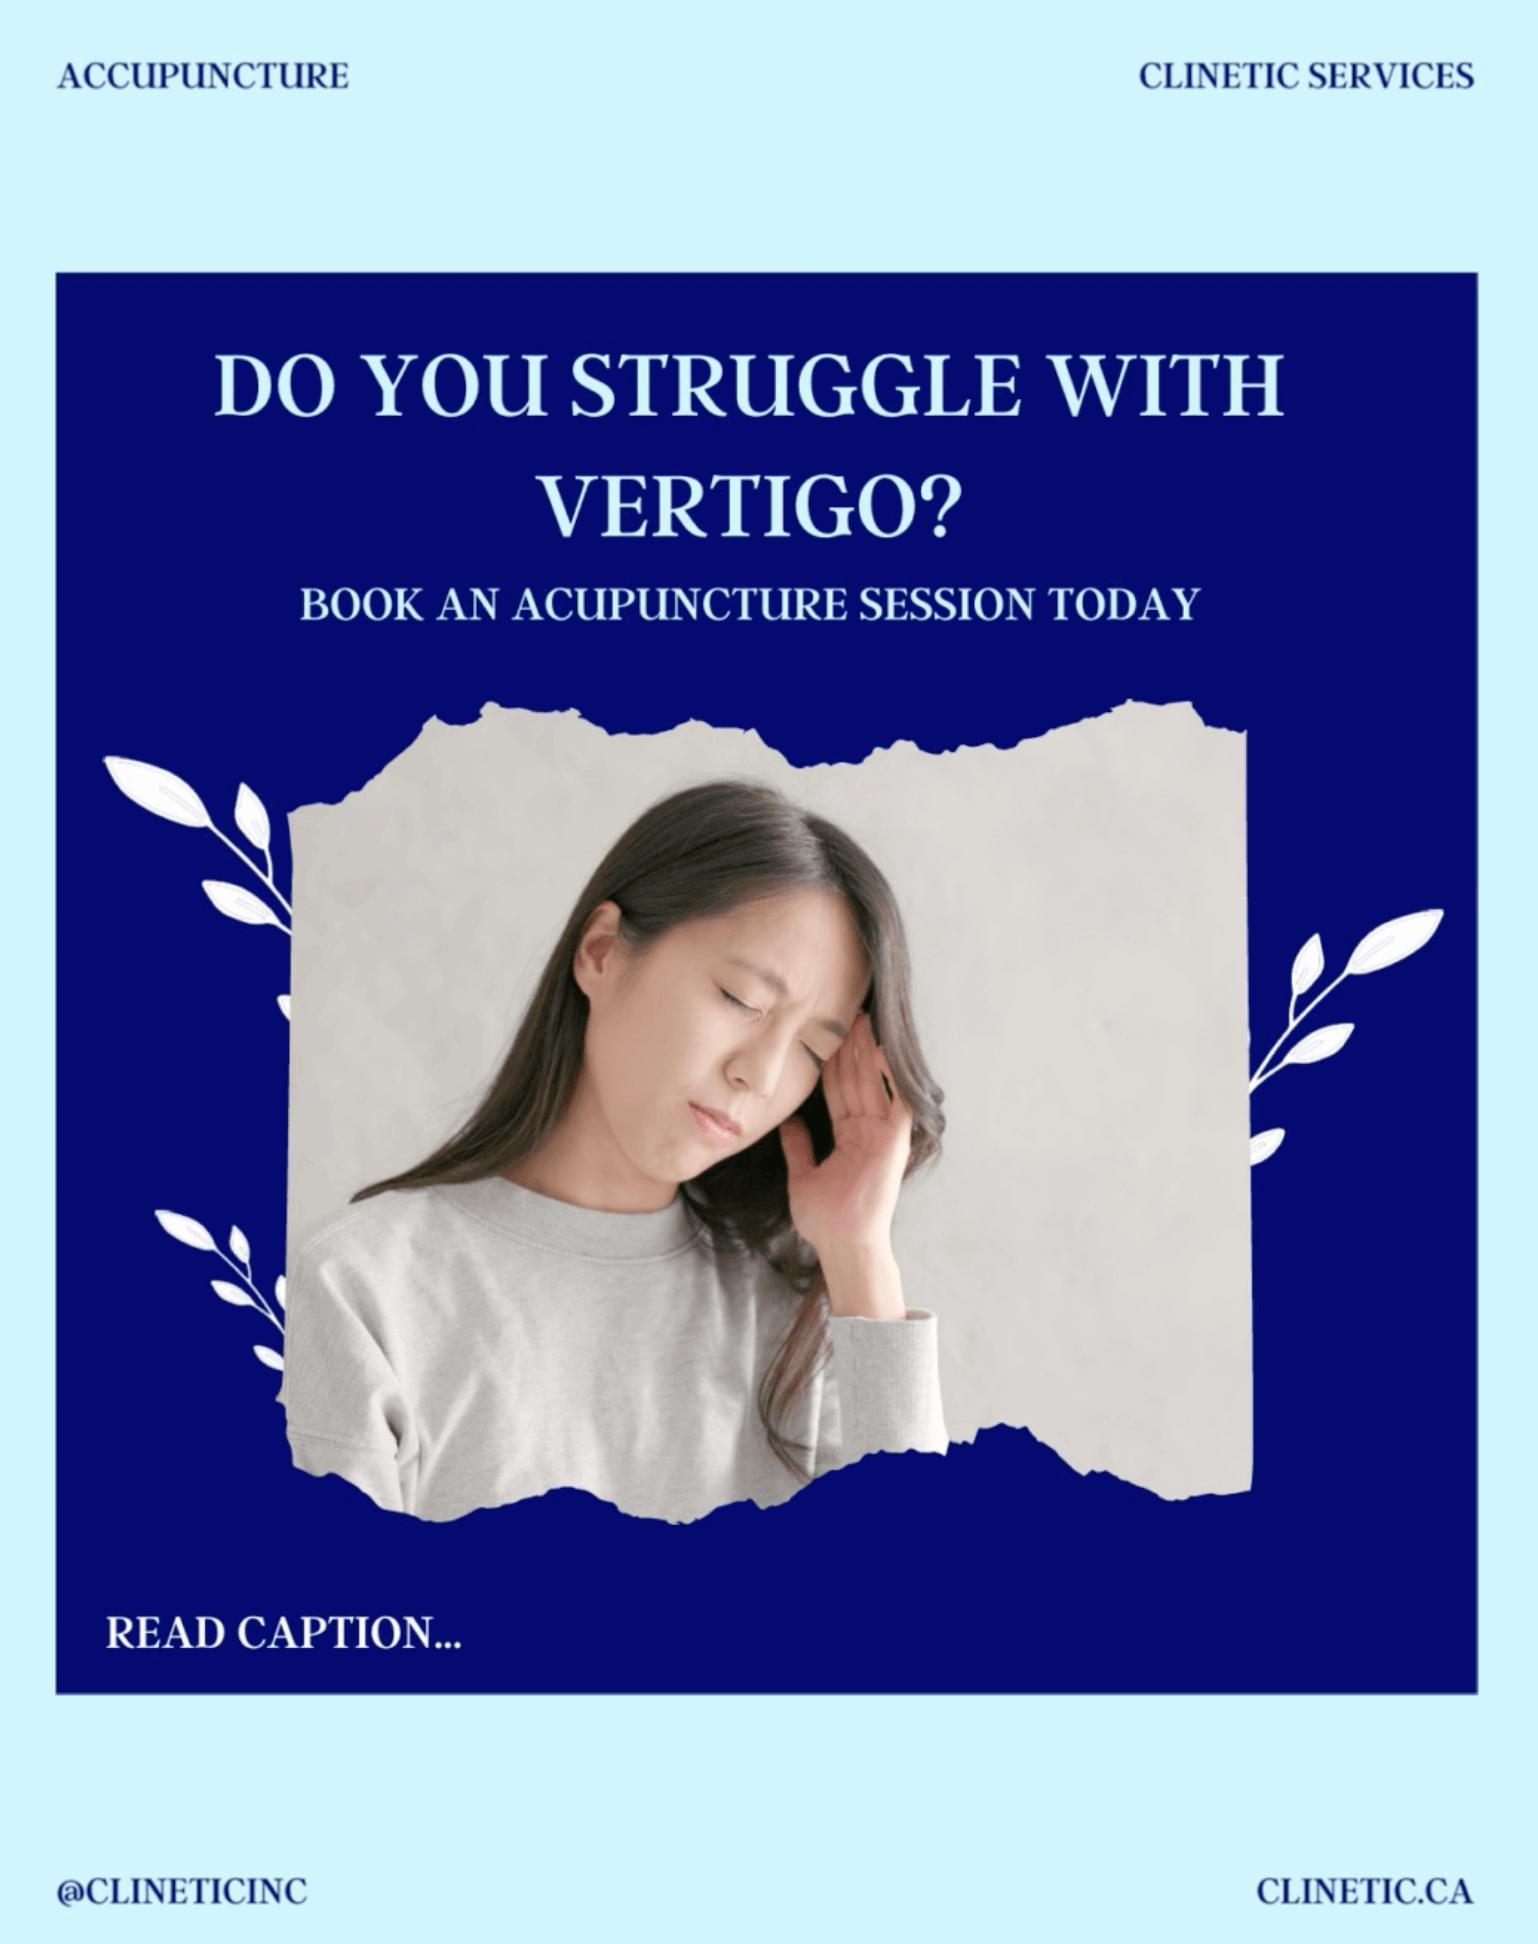 Do you struggle with vertigo?